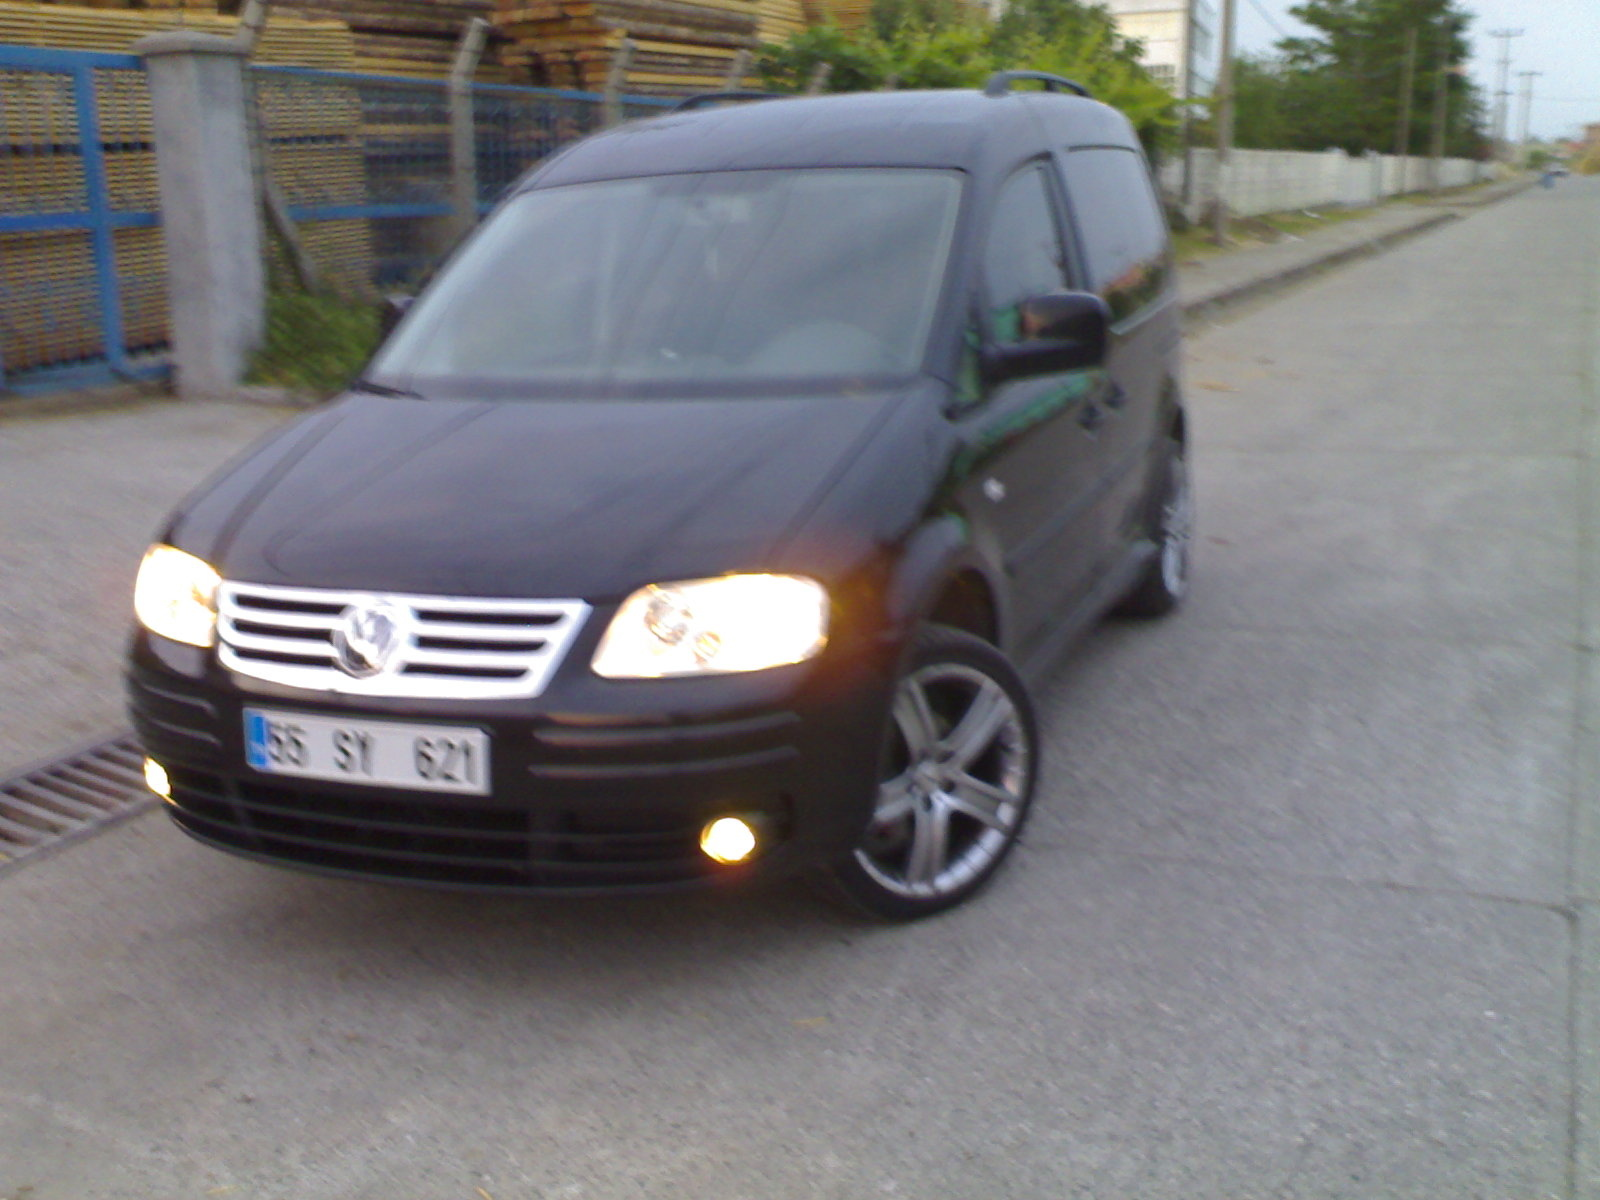 Volkswagen Caddy - Overview - CarGurus